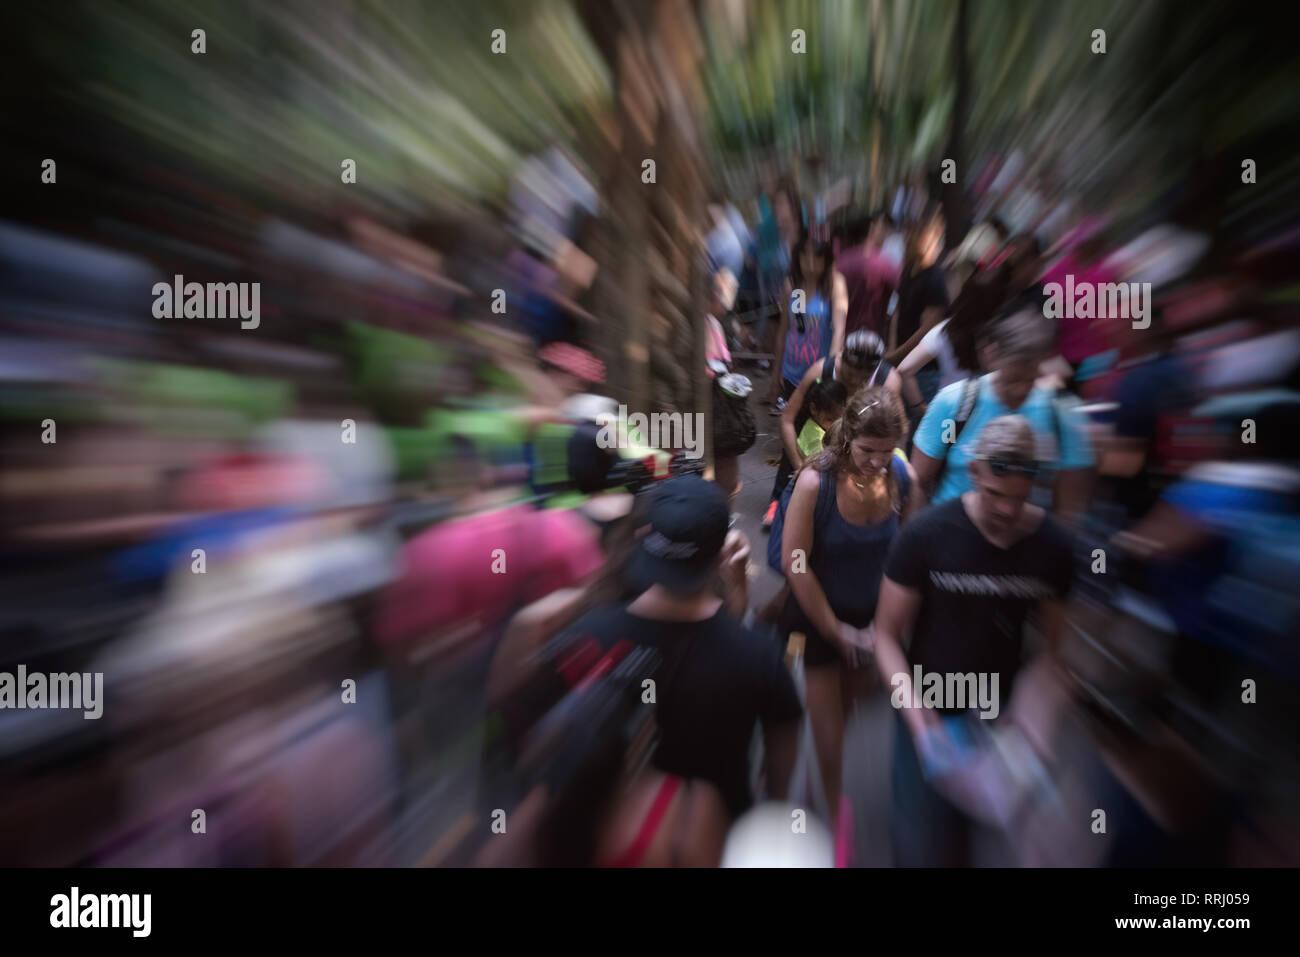 Una multitud de gente en un caótico, situación estresante. Imagen De Stock